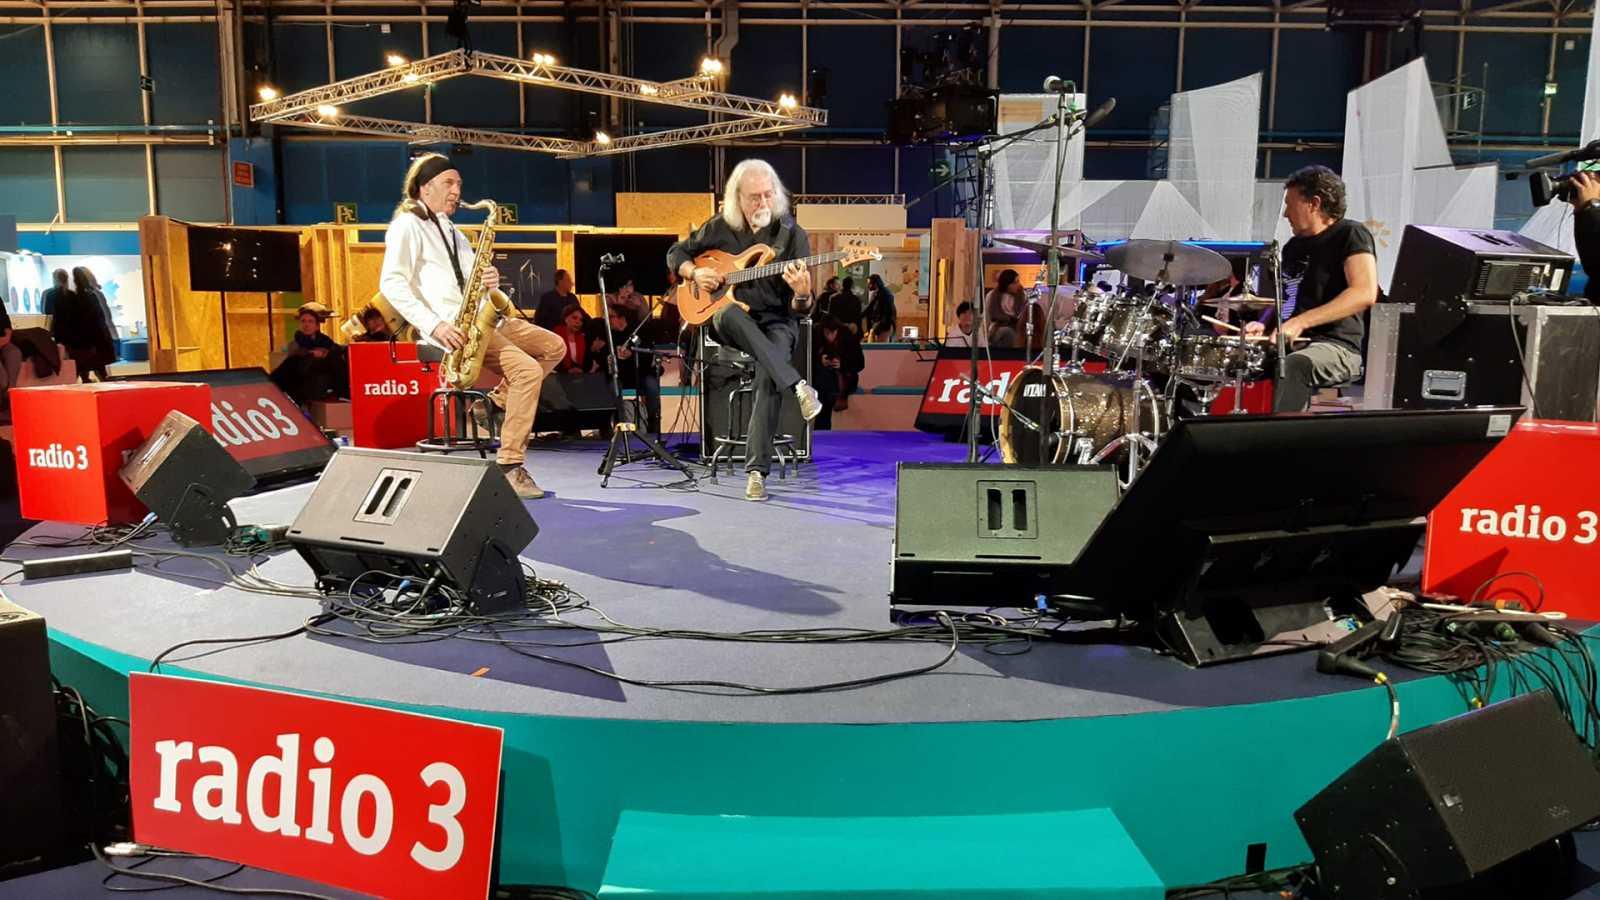 Radio 3 suena por el planeta - VÍDEO: Benavent, Di Geraldo, Pardo - 4/12/19 - Escuchar ahora